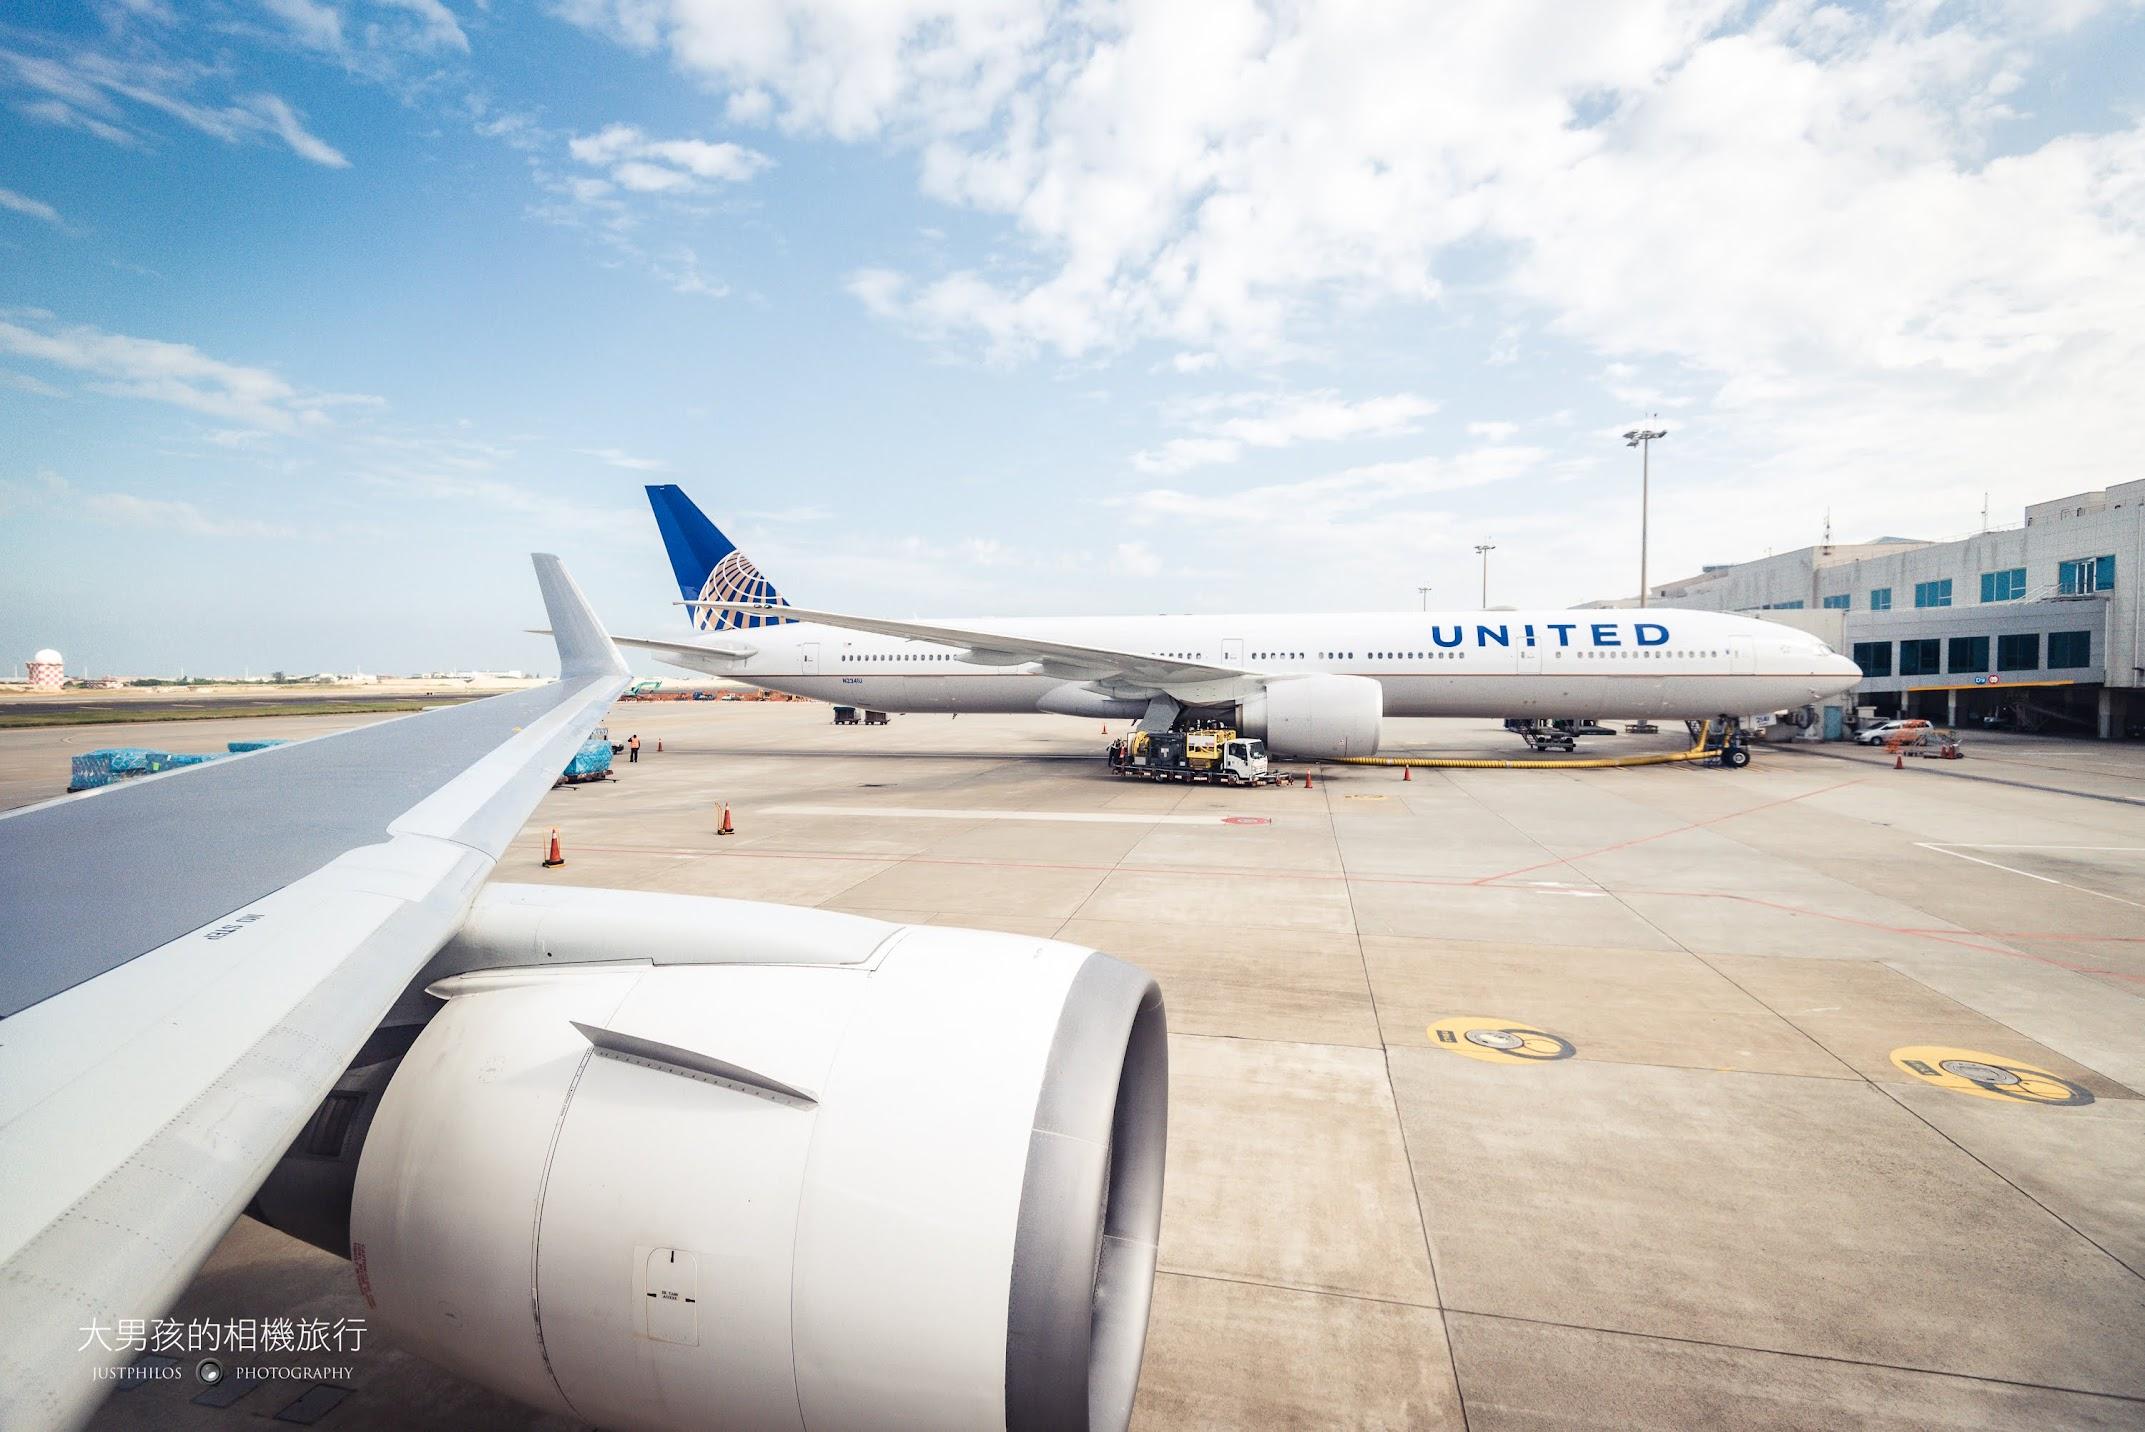 在桃園機場等待起飛時拍攝隔壁的聯合航空。